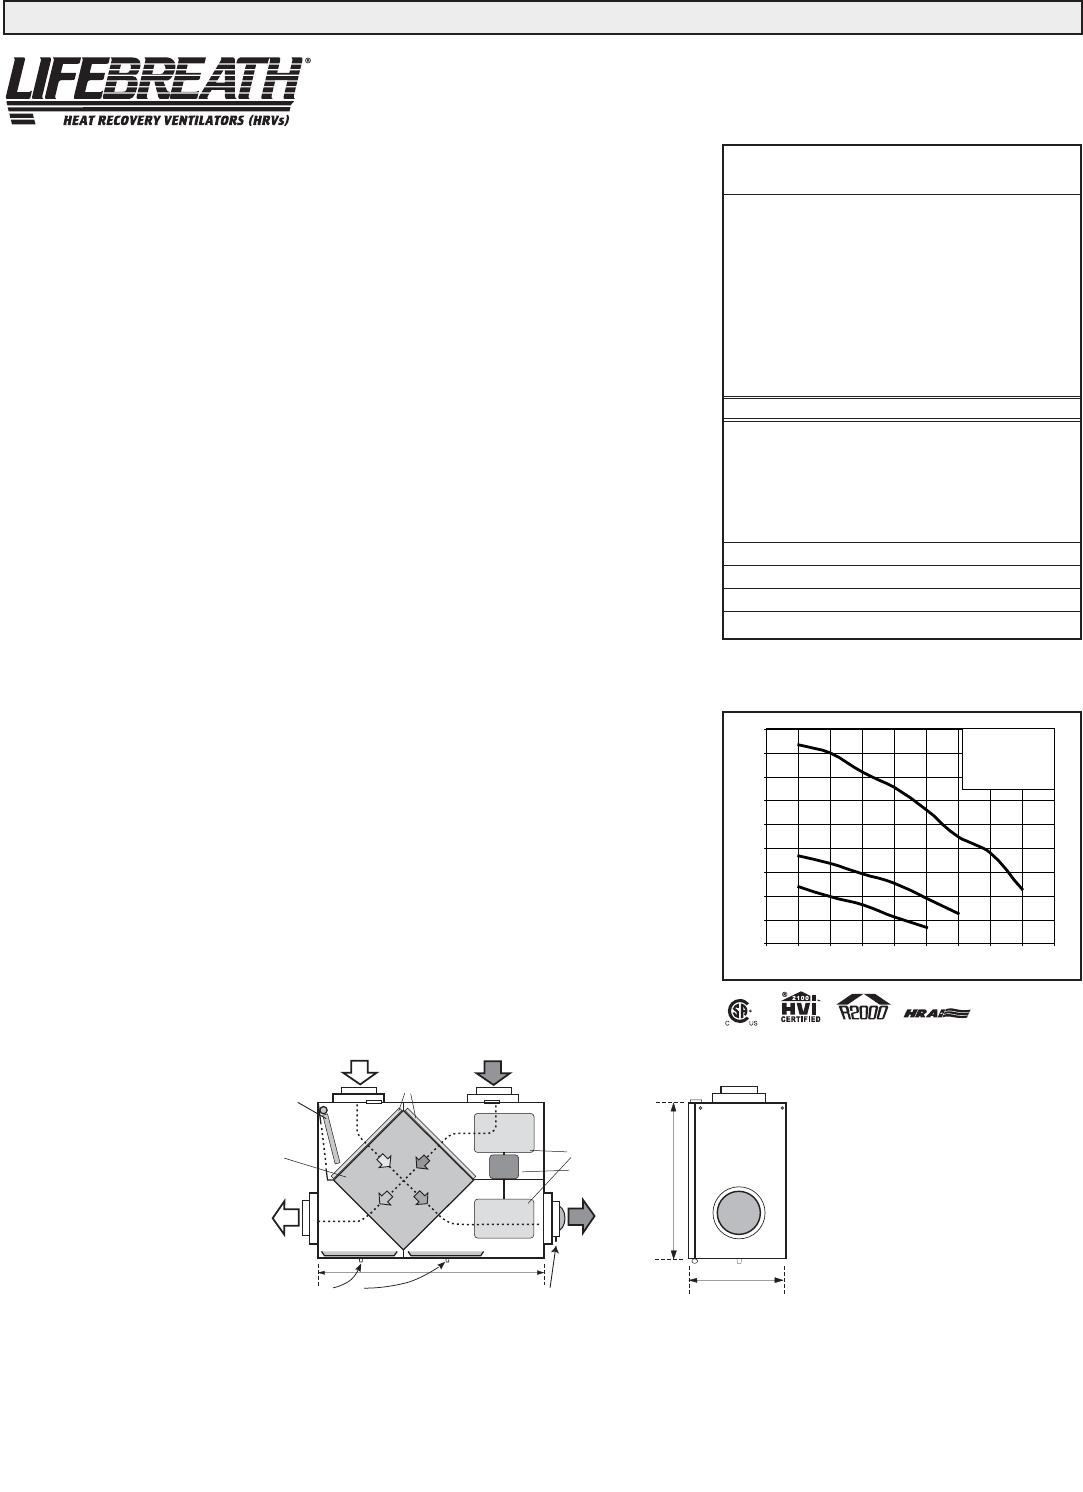 Lifebreath Hrv Wiring Diagram